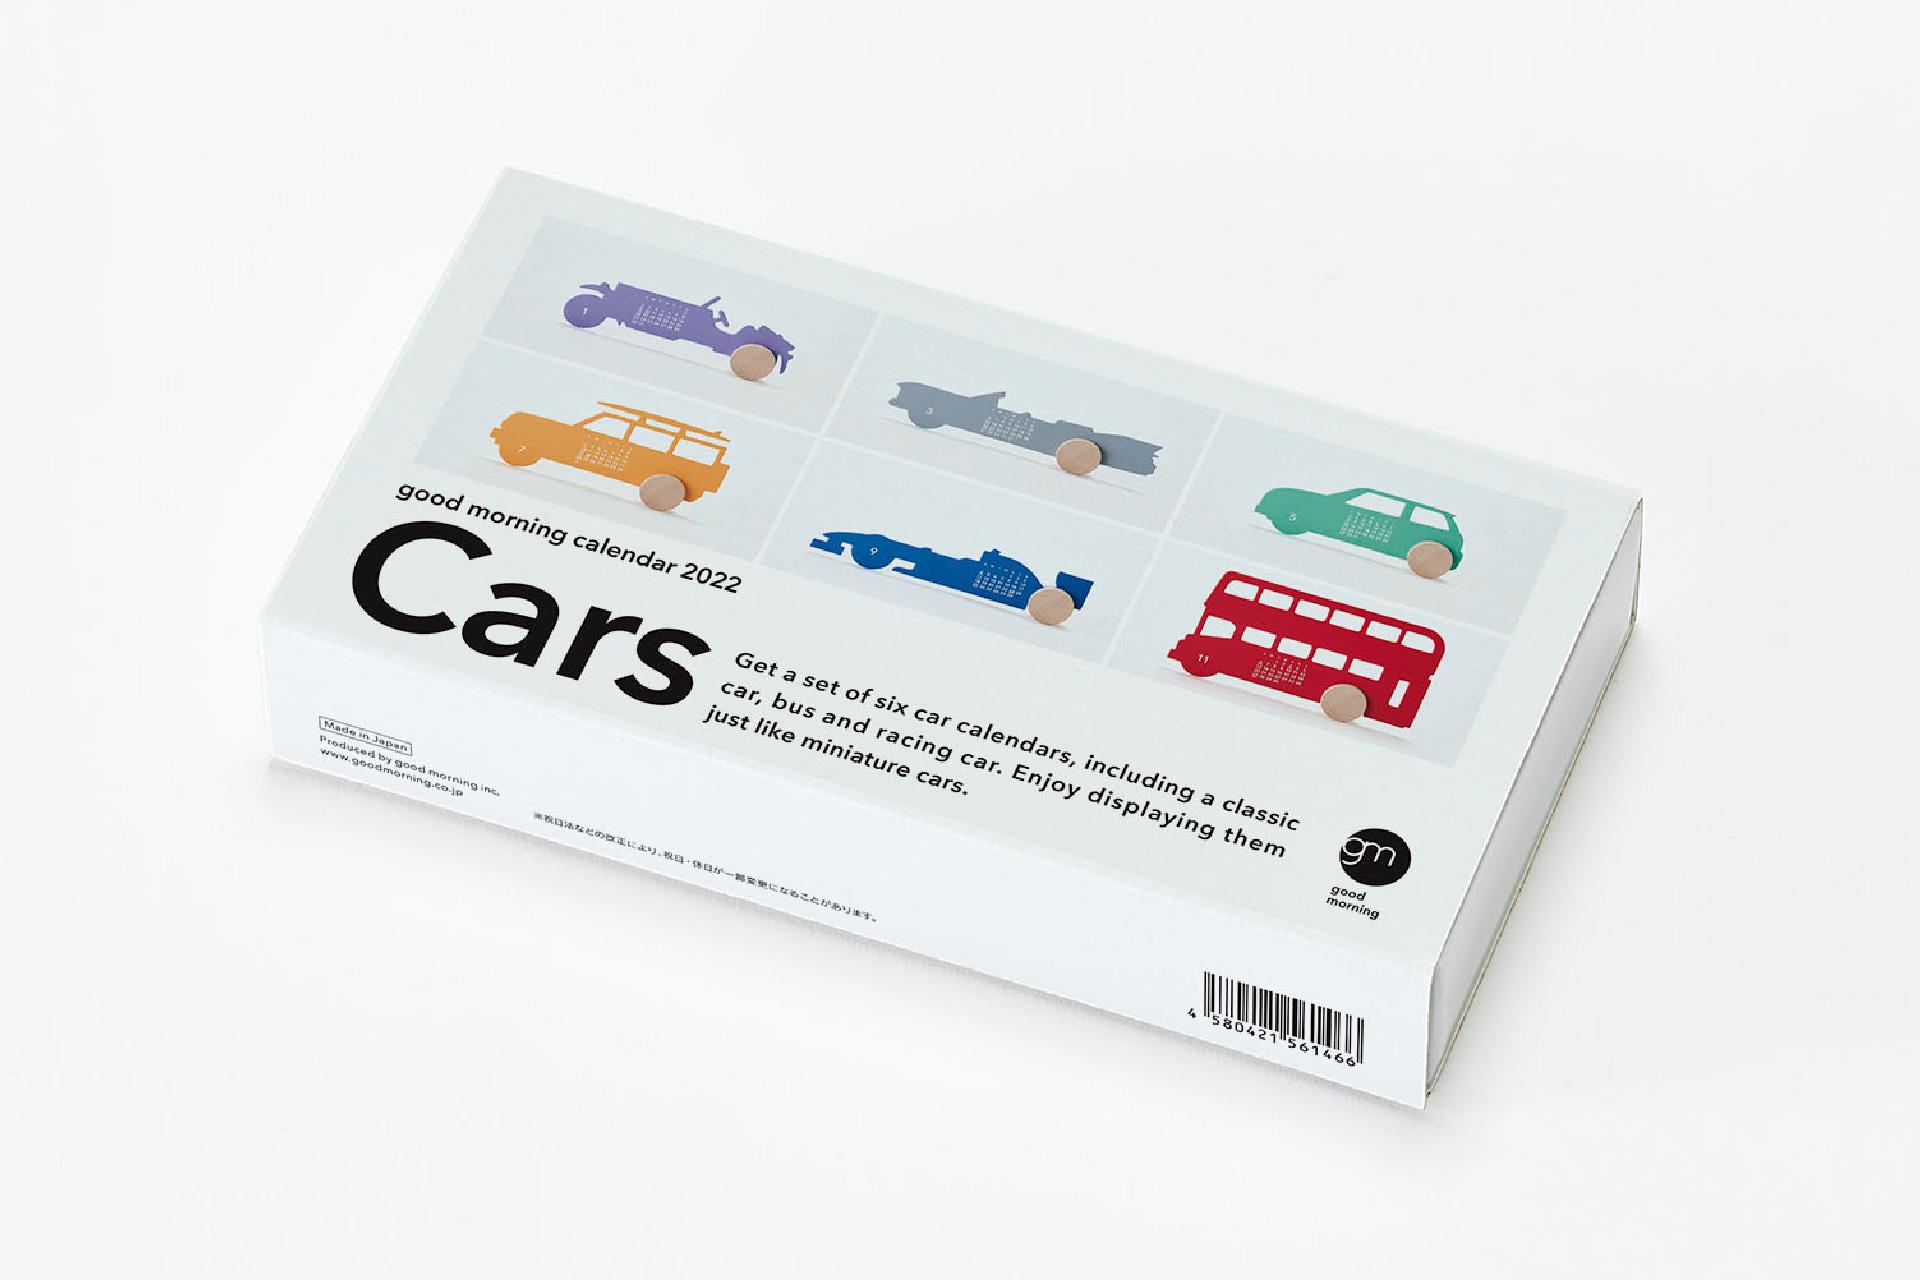 車をモチーフにした、おしゃれな卓上カレンダー2022年版